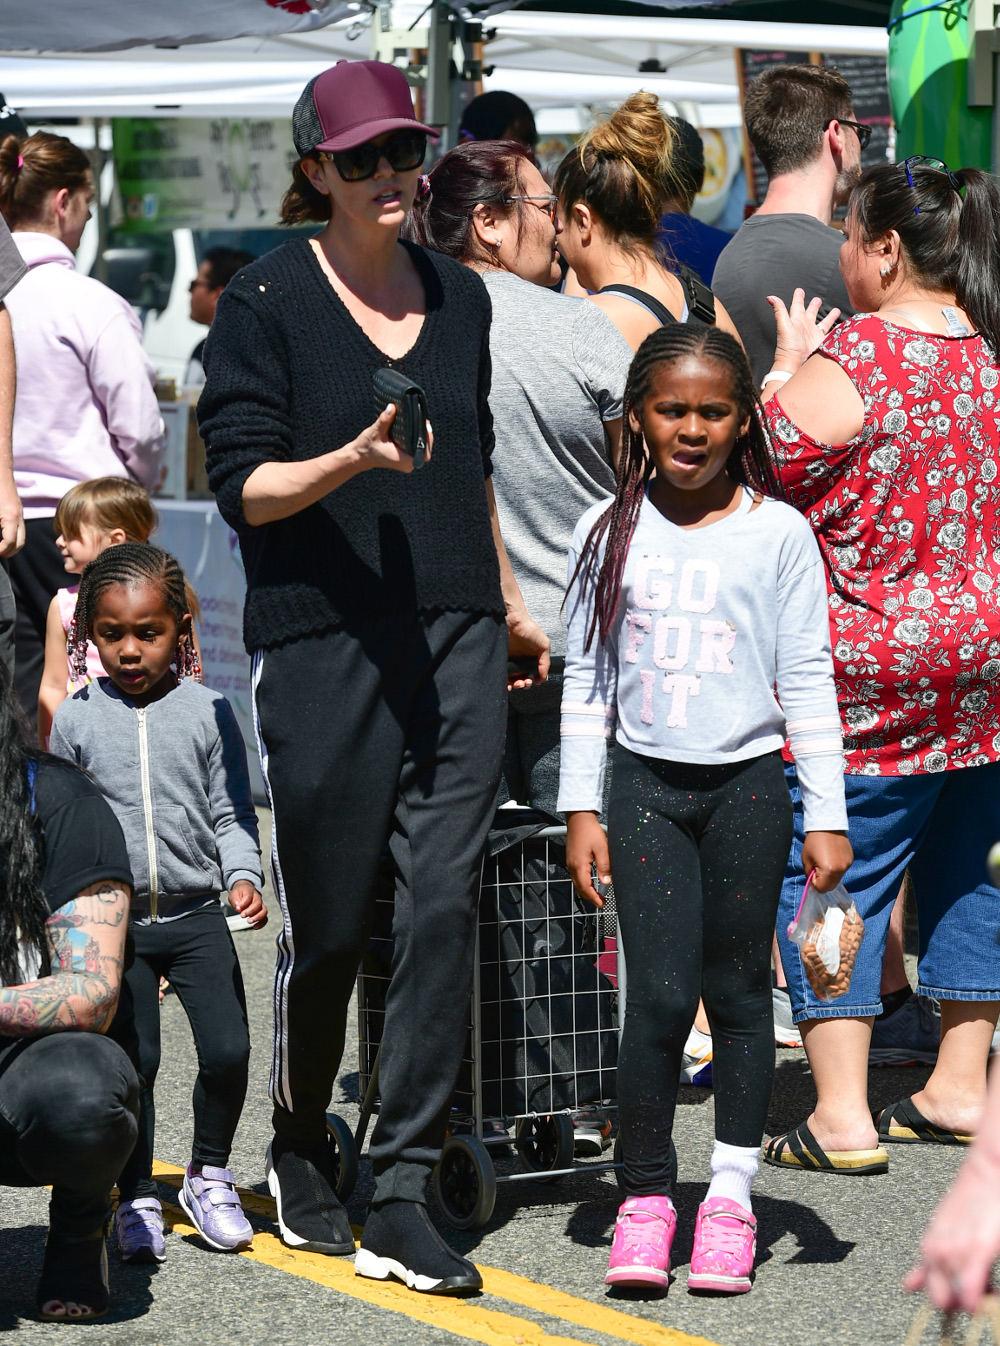 Η Σαρλίζ Θερόν έχει υιοθετήσει δύο παιδιά, τον 7χρονο Τζάκσον και την 3χρονη Όγκοστ